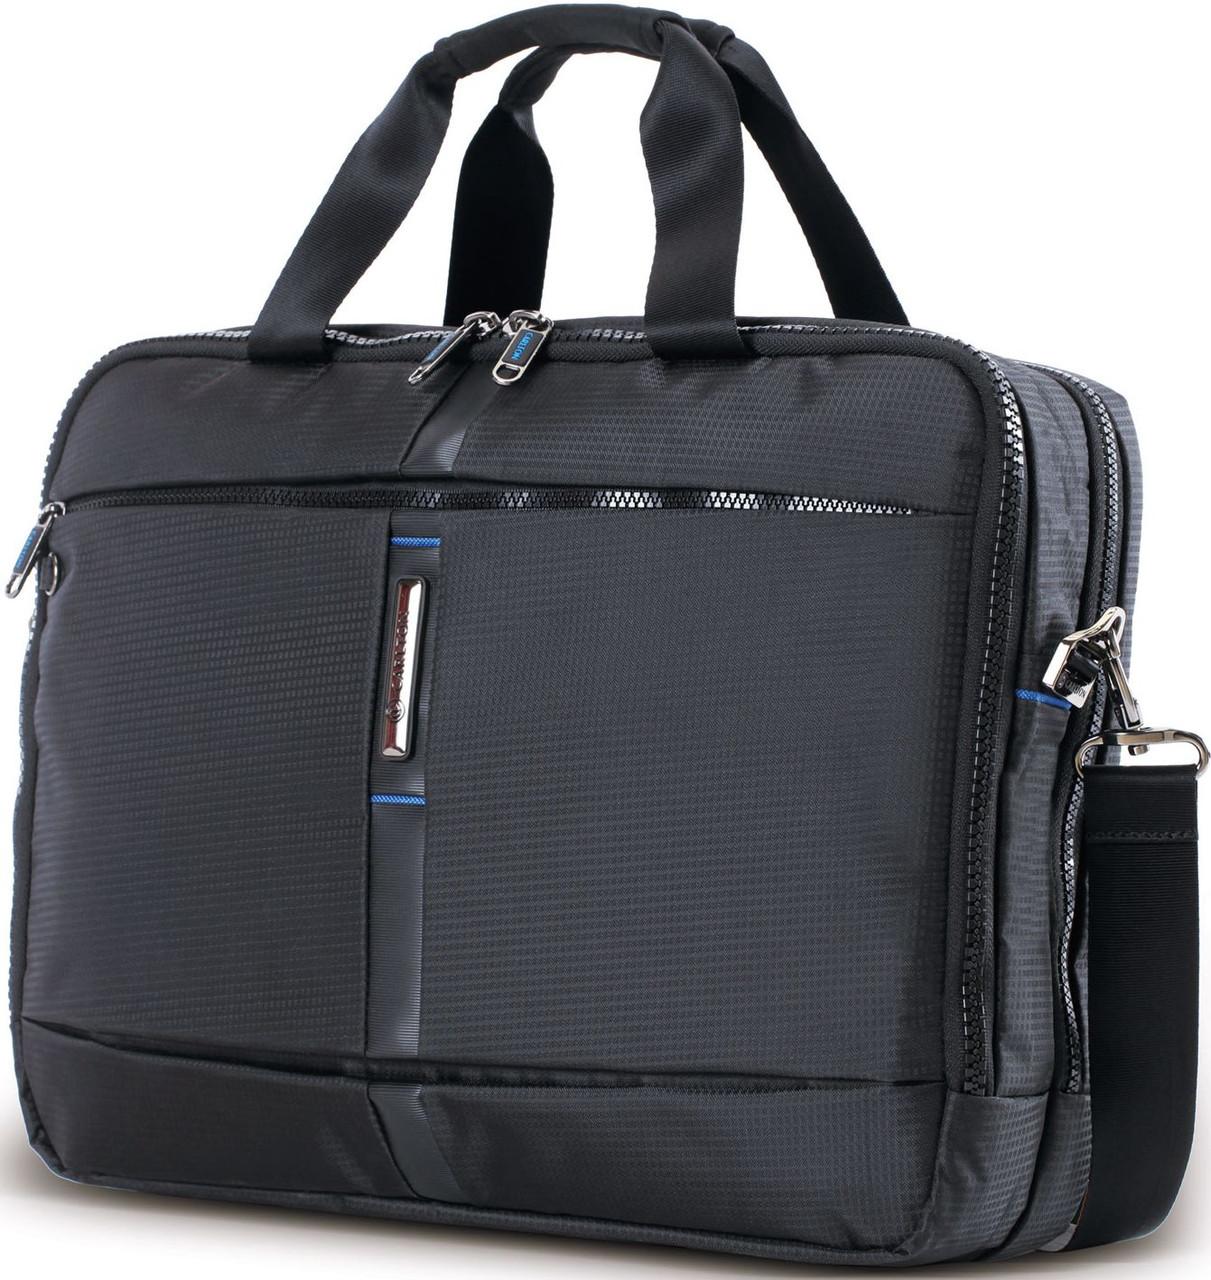 39b88679f7af Деловая тканевая сумка для ноутбука и документов CARLTON Wallstreet:  904J027;01 черный